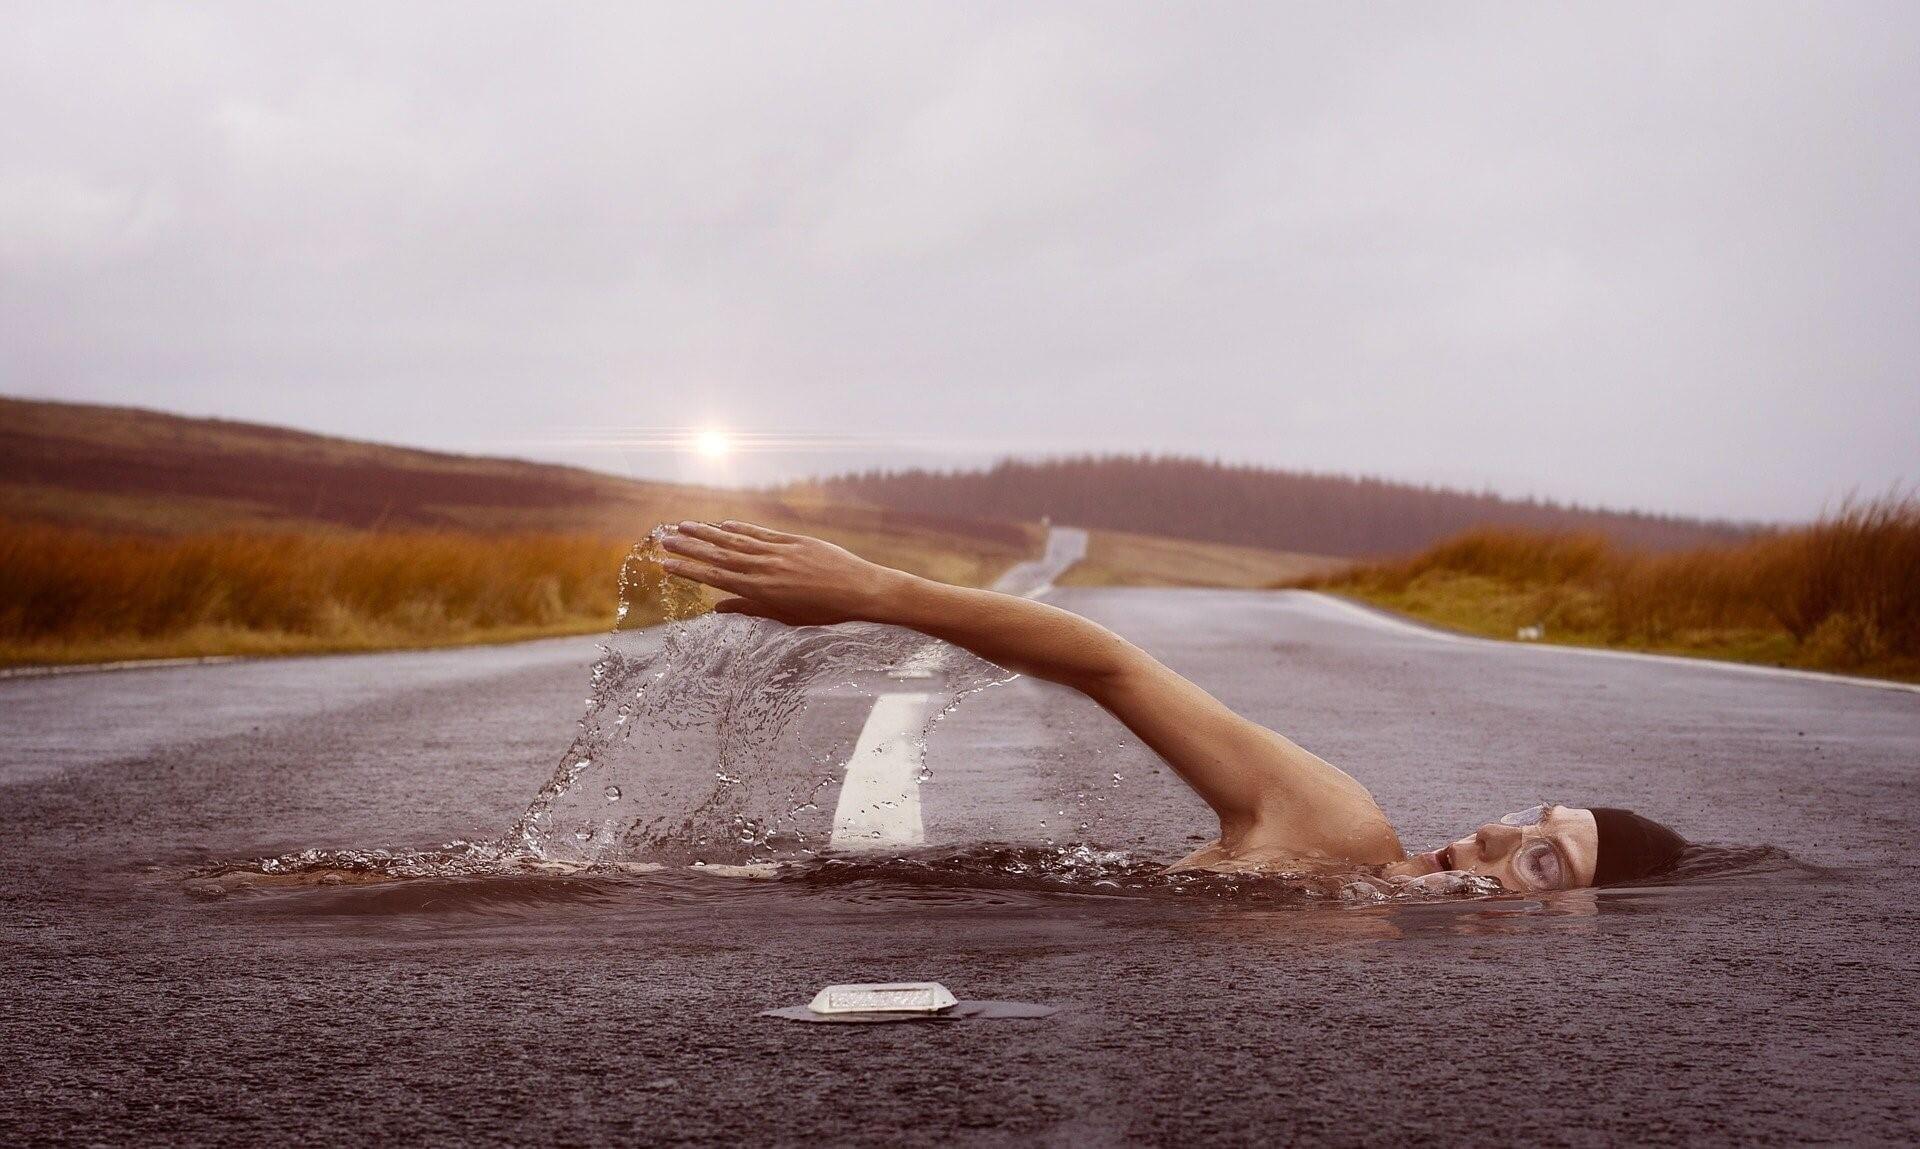 水泳教室で集客を行うなら『マーケティング』を理解すること